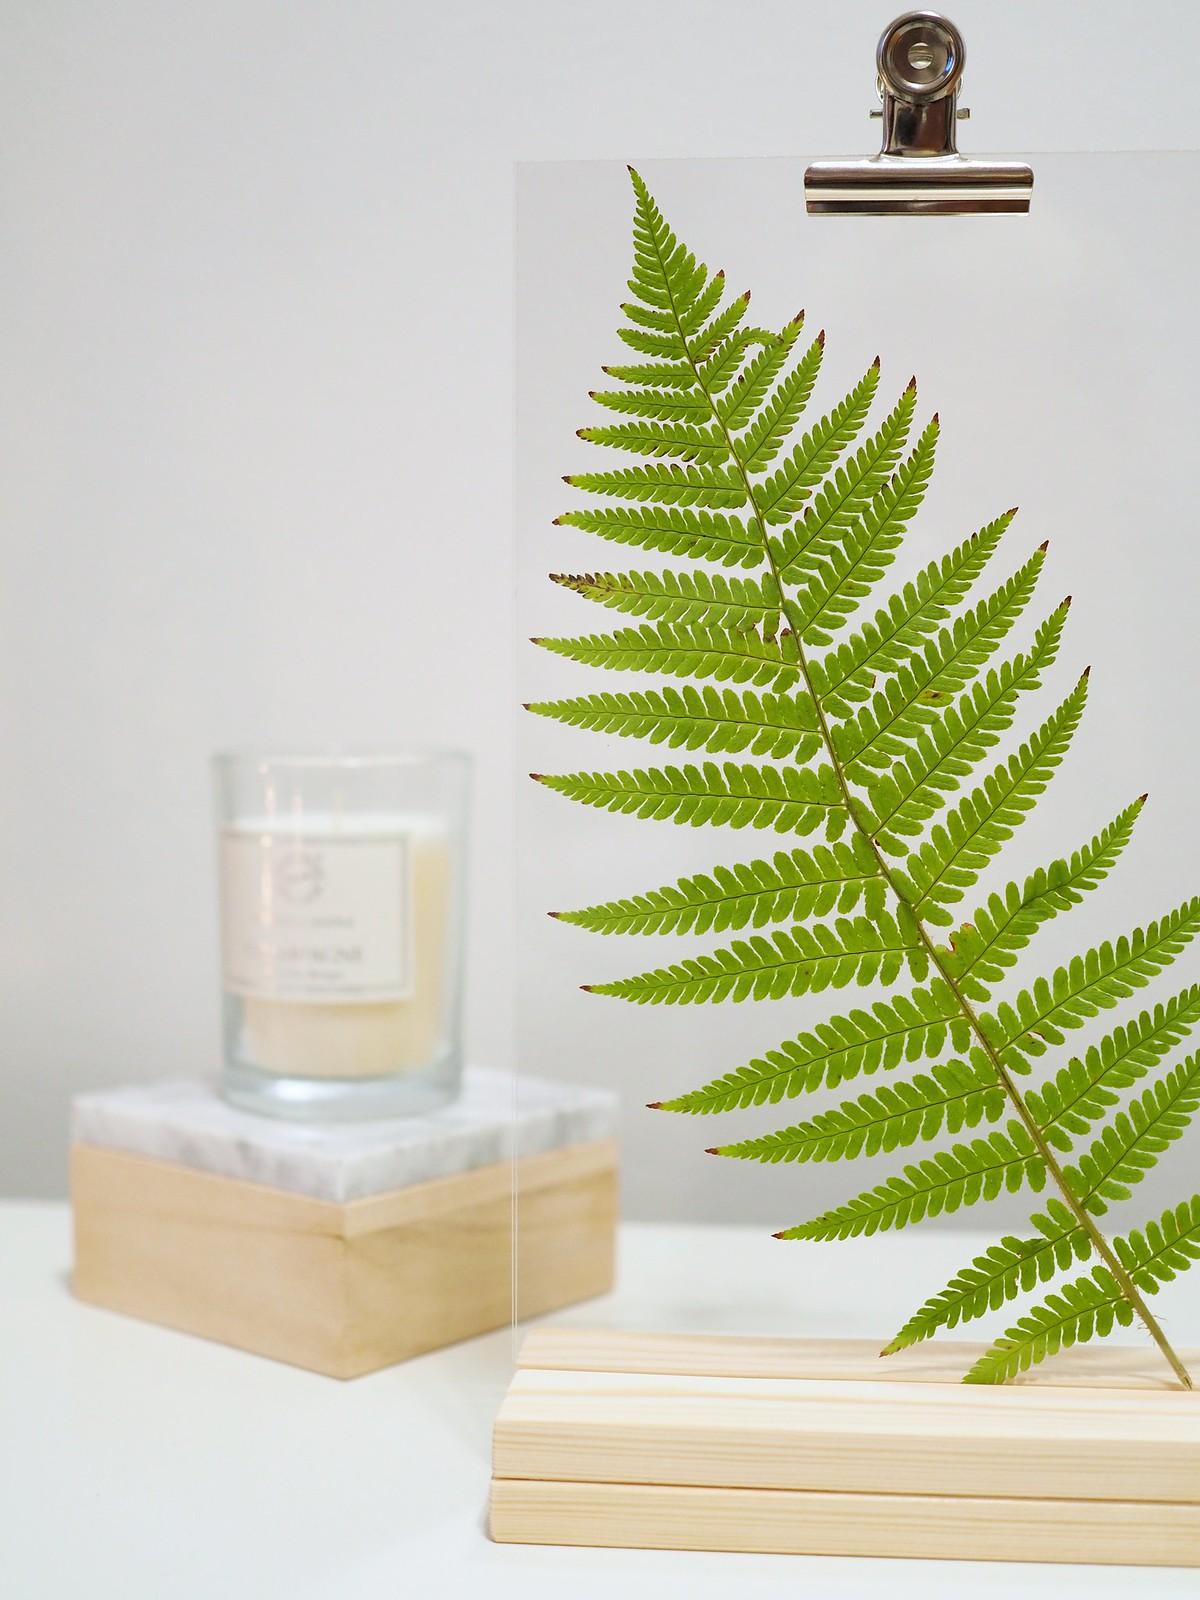 kasvi-muovipleksissä